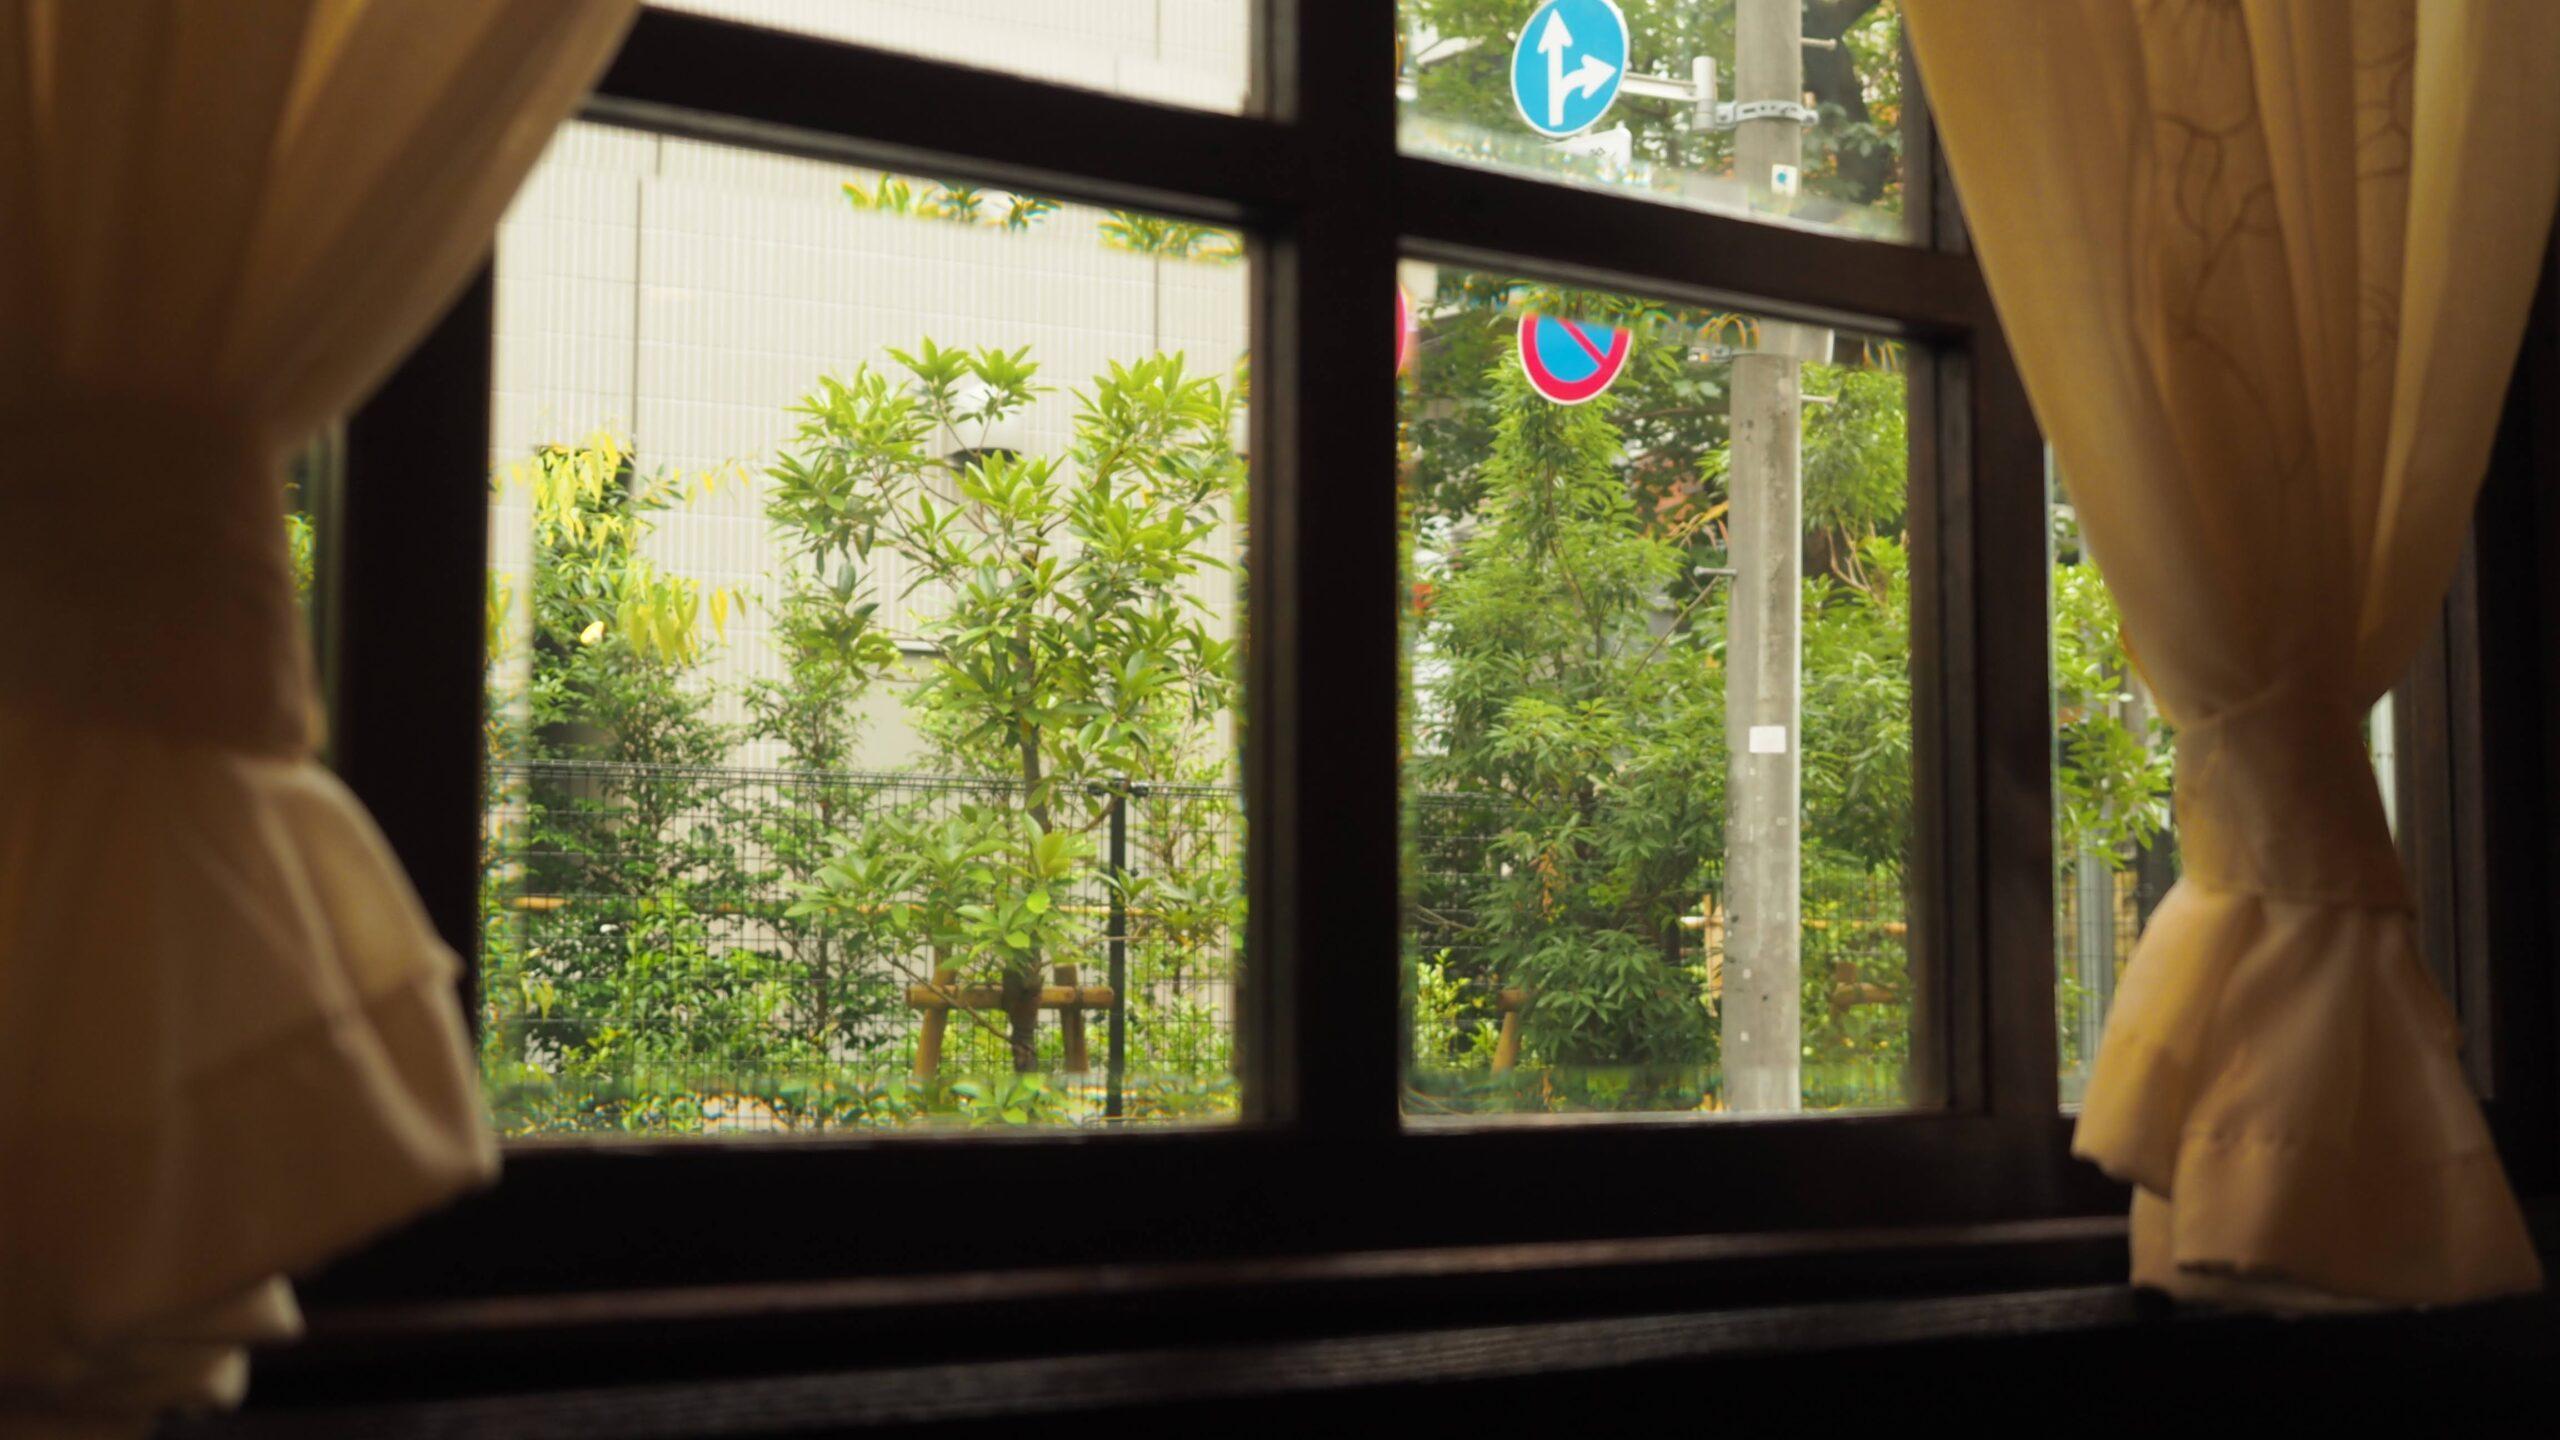 六本木 喫茶店 る・ぽーる るぽーる 老舗喫茶 純喫茶 喫茶店巡り 東京喫茶店 喫茶店インテリア coffeeshop レトロ建築 東京 六本木カフェ 六本木 おちつく落ち着くカフェ 静か 打ち合わせ コーヒー ウィンナーコーヒー